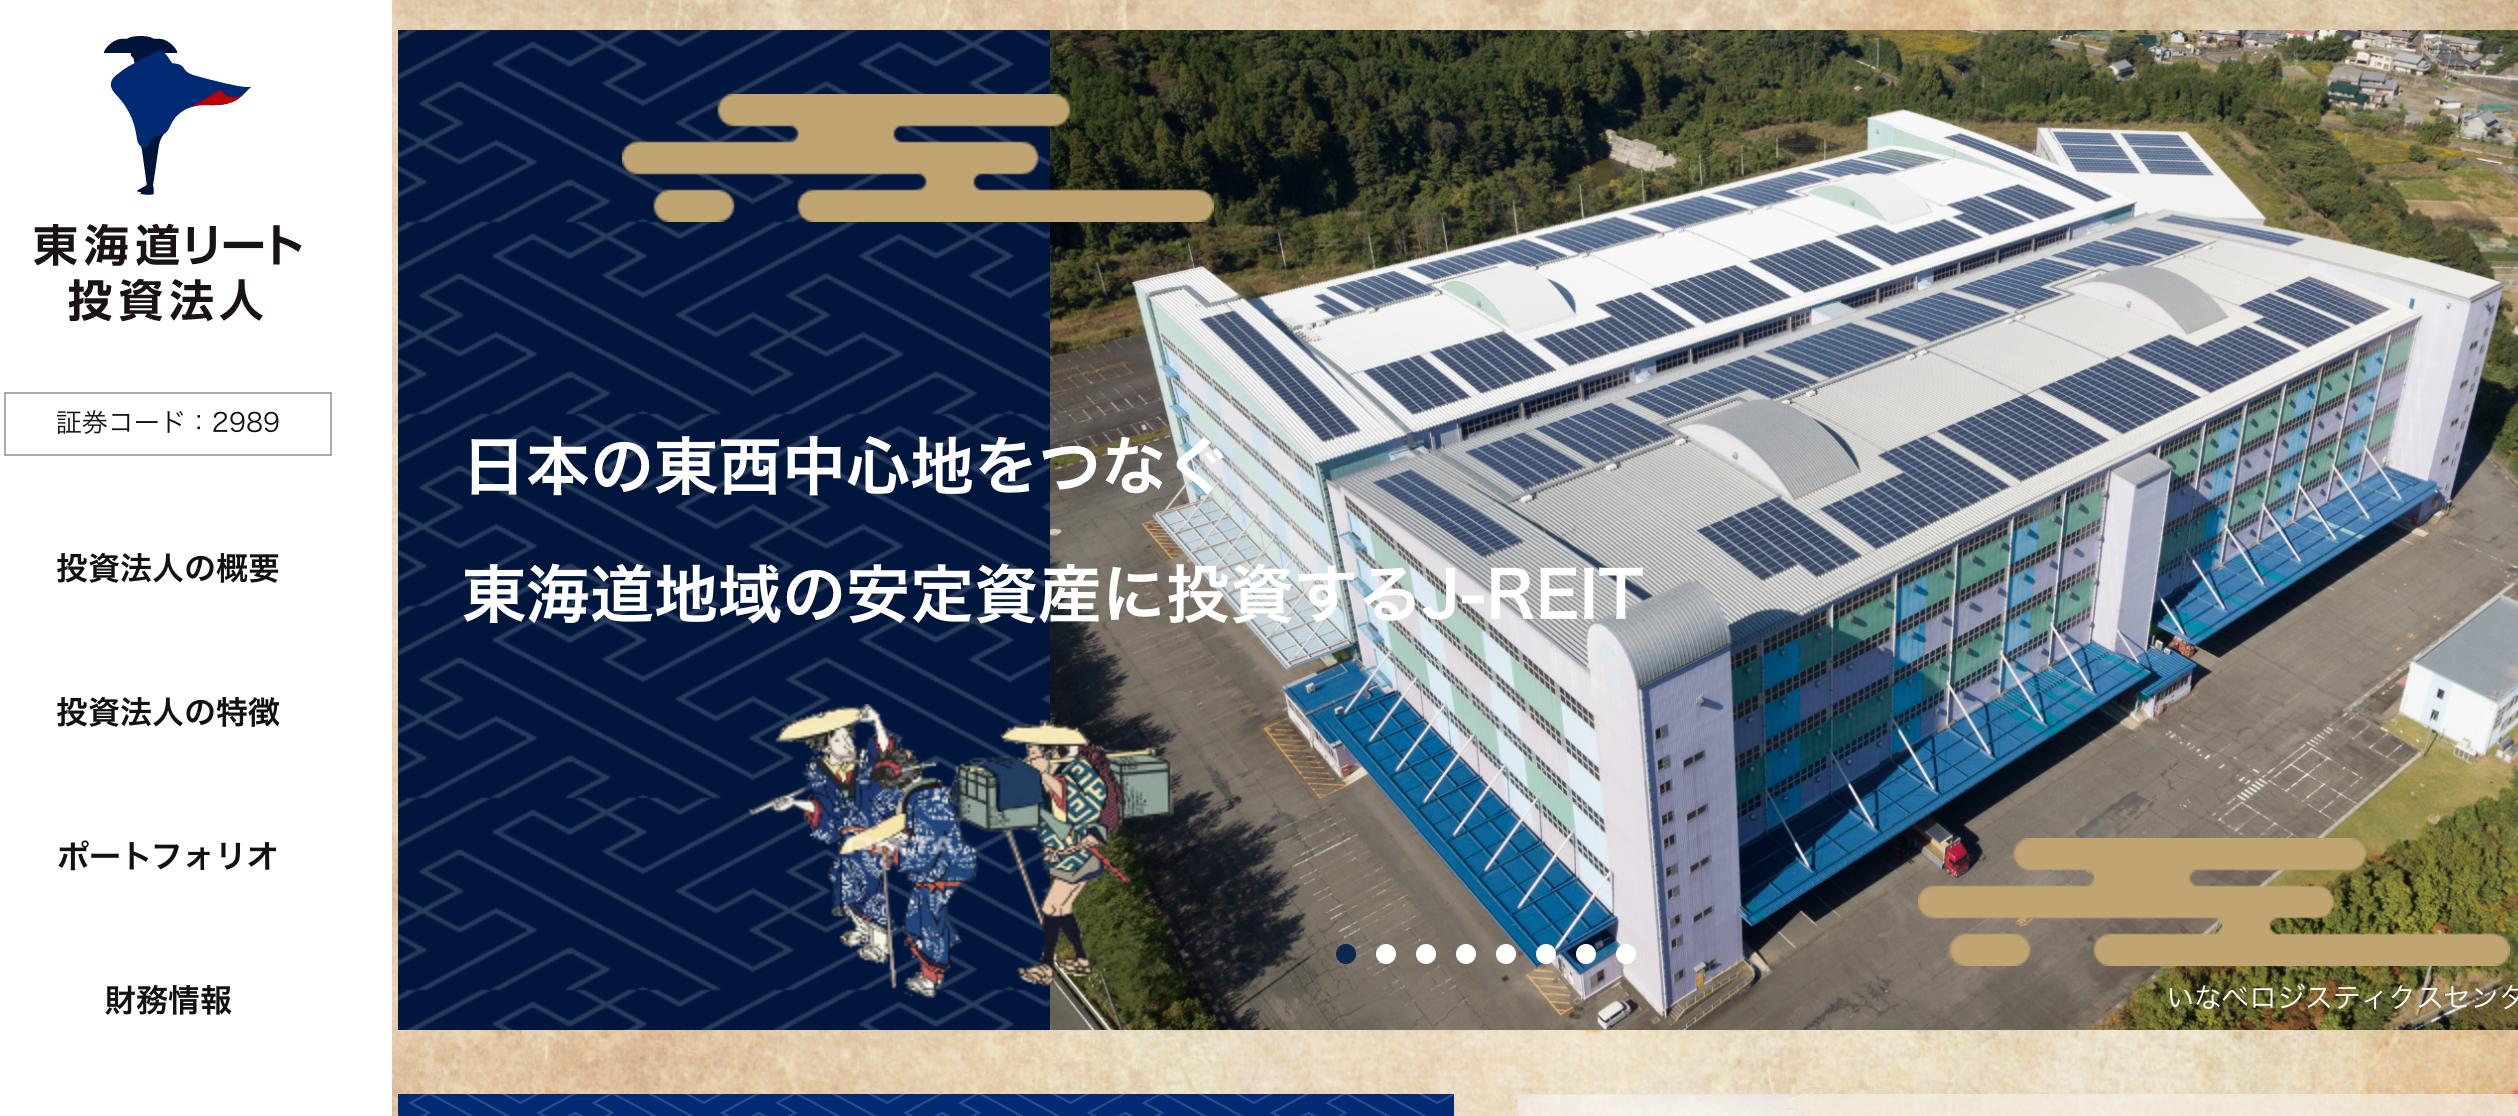 開発物件を中心に地域の潜在能力引出す―東海道リートが上場、江川社長に聞く